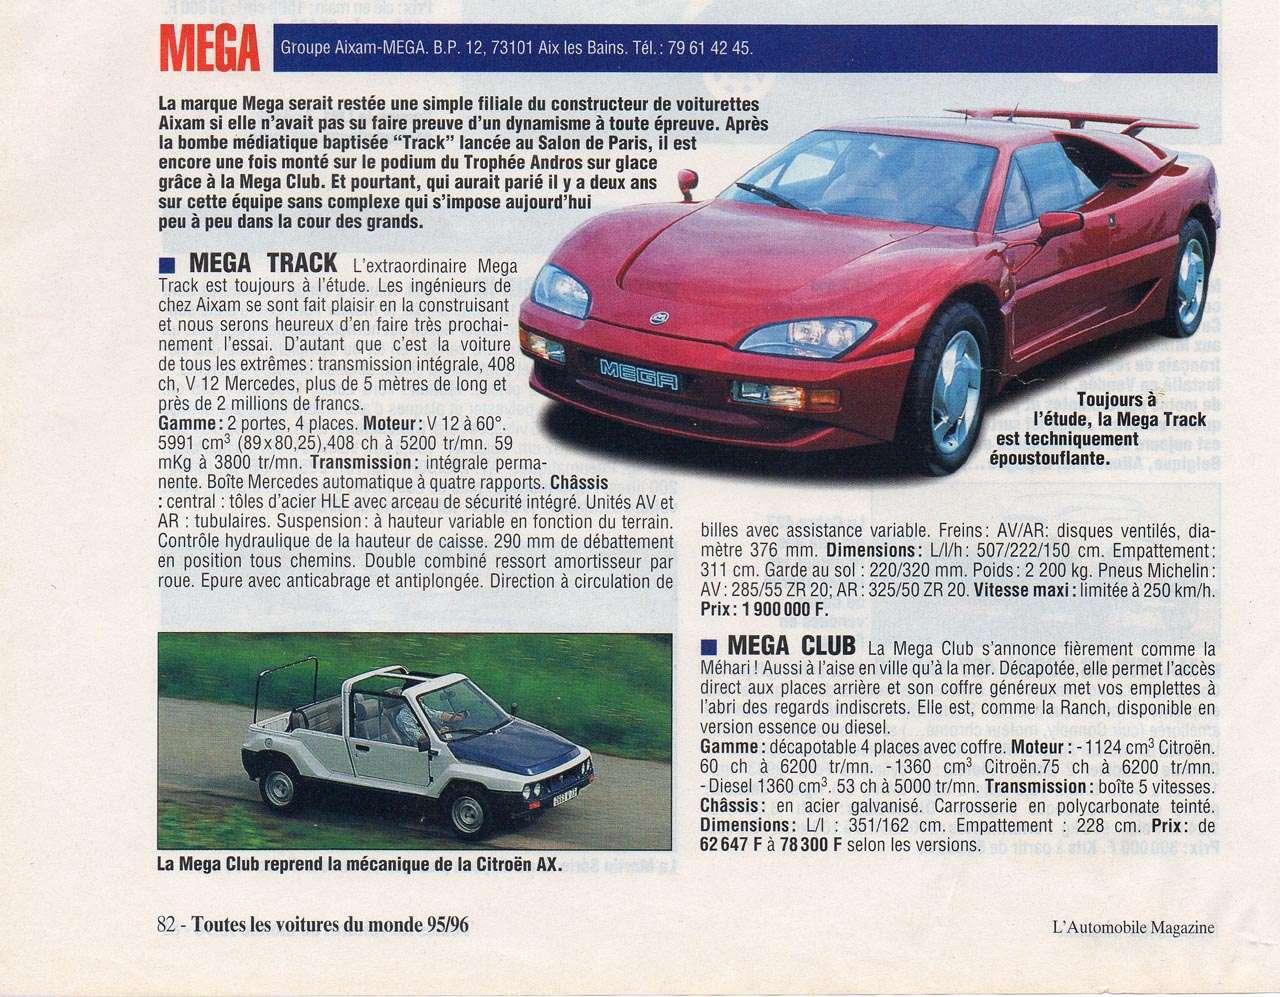 Les Méga Automag95-96p82_mega